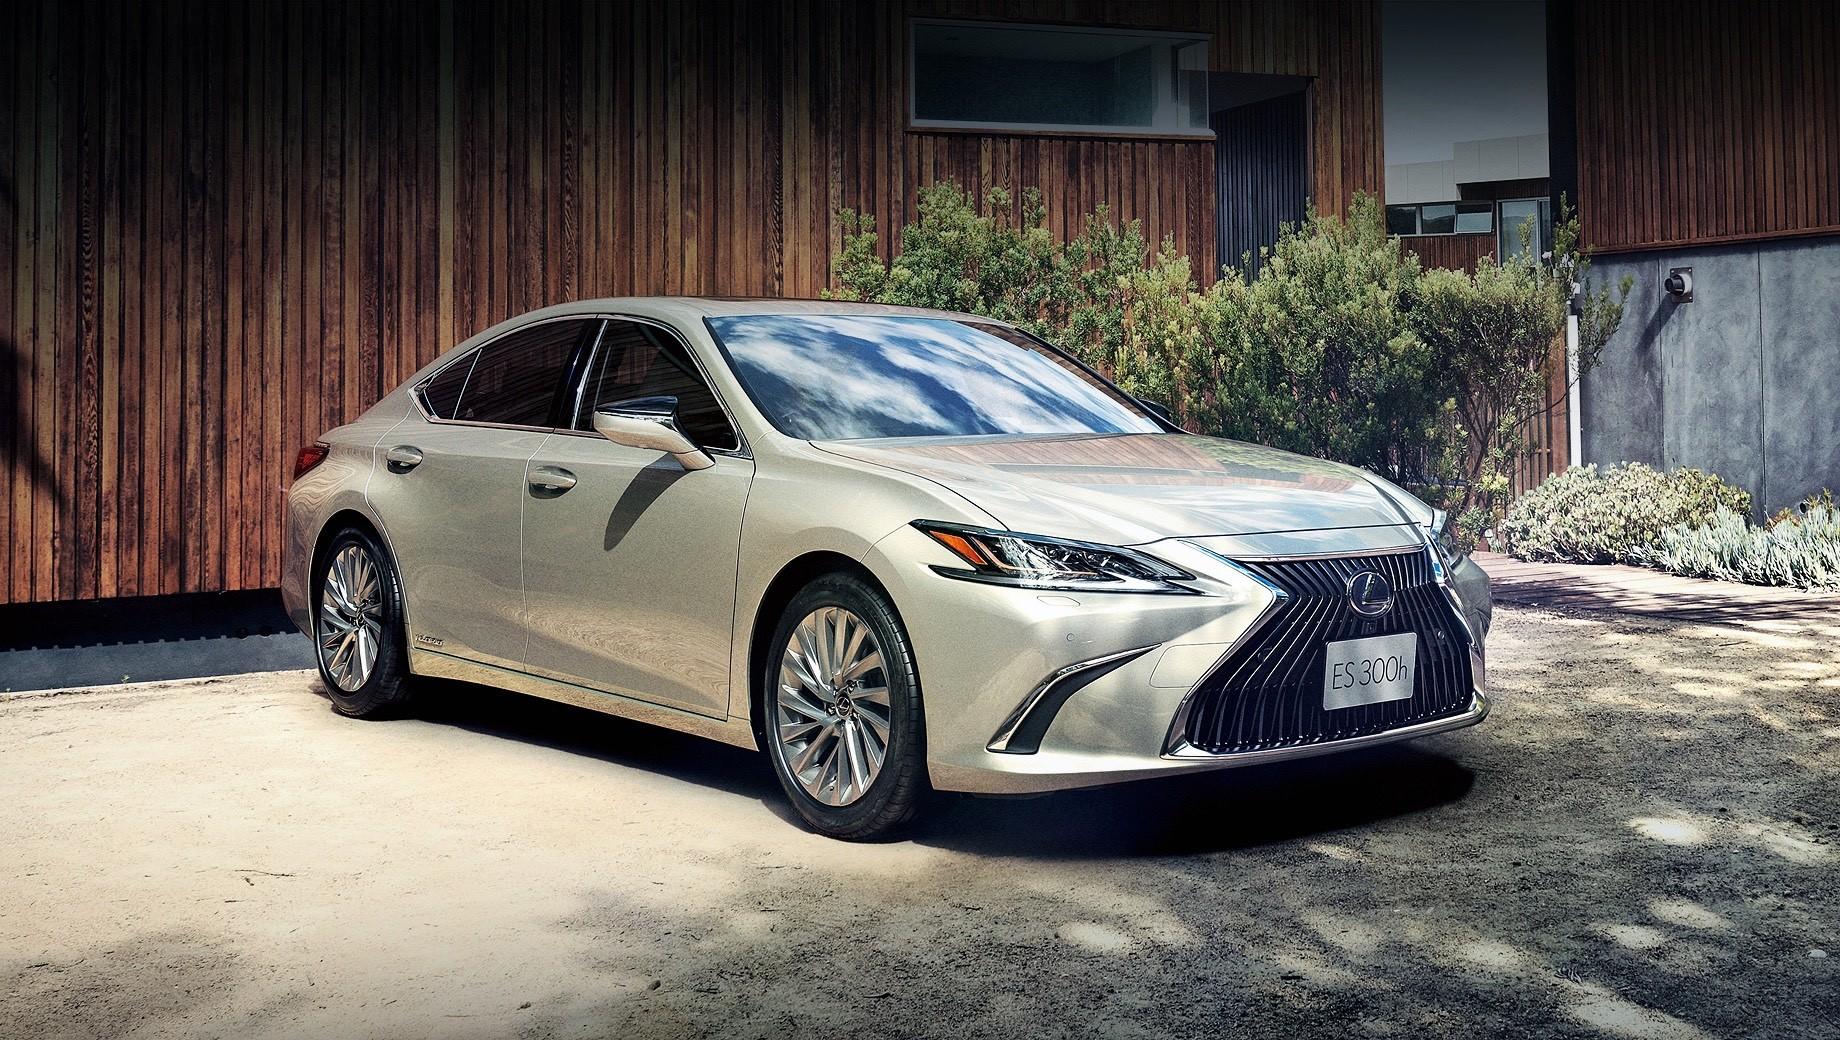 Lexus es. Продажи гибридов Lexus ES 300h 2021 модельного года в Японии уже начались. В зависимости от исполнения автомобиль стоит от 5 990 000 до 7 130 000 иен (от 4,17 до 4,96 млн рублей). Седан оснащается бензиновым двигателем 2.5 (178 л.с., 221 Н•м) и электромотором (120 сил, 202 Н•м).